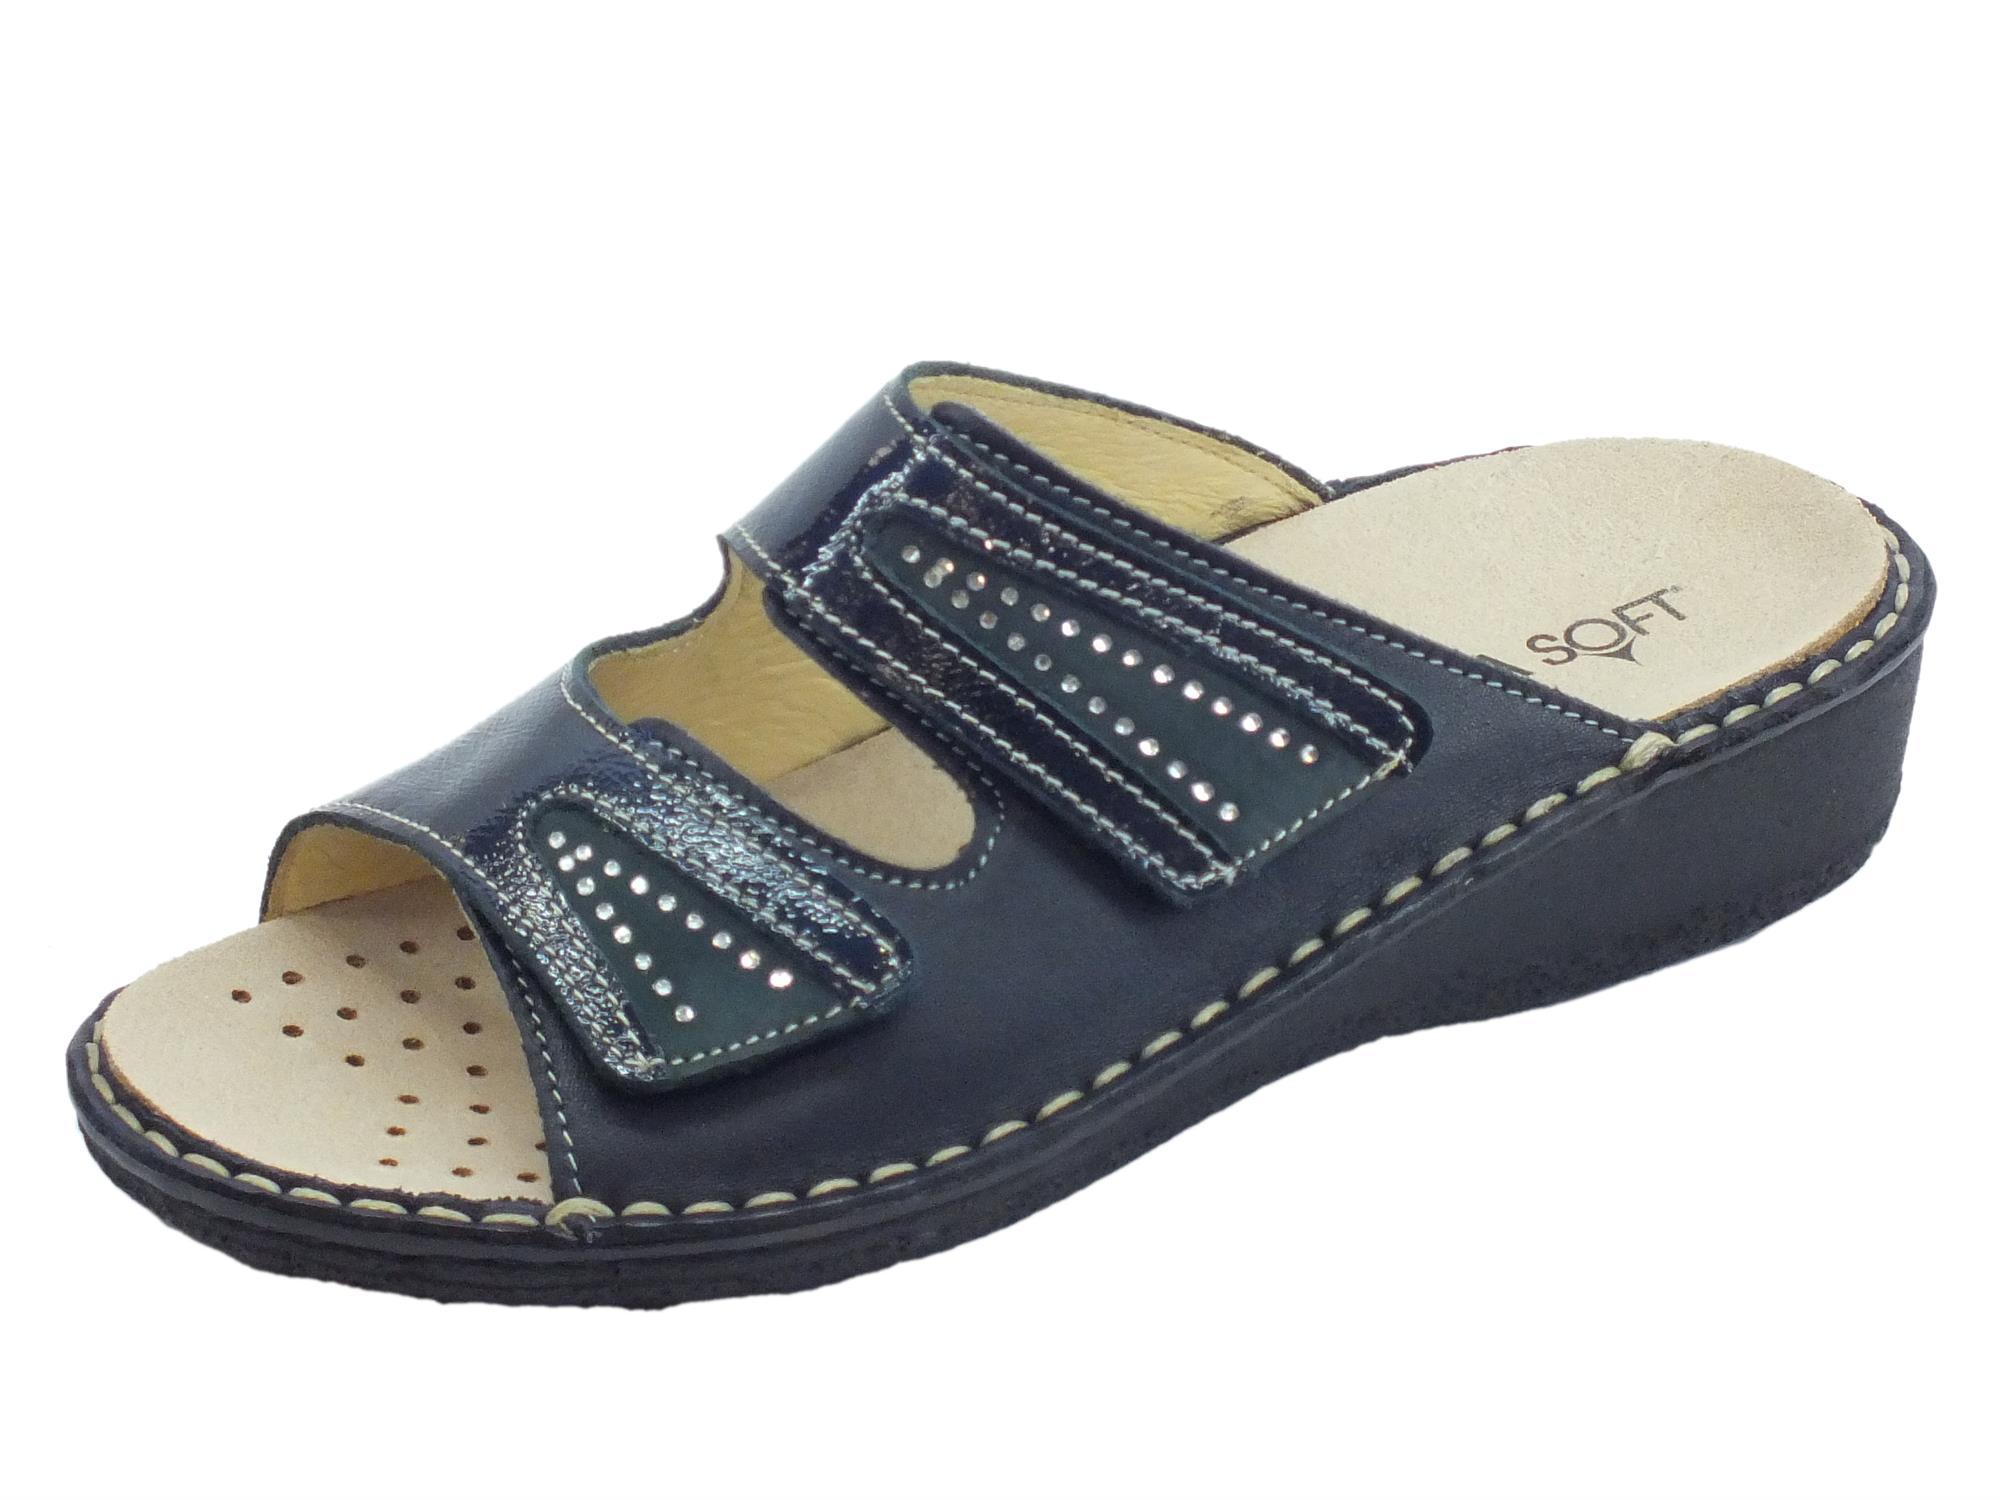 acdb8cd4e2502 Sandali linea comoda Cinzia Soft pelle blu con doppio stretch sottopiede  pelle